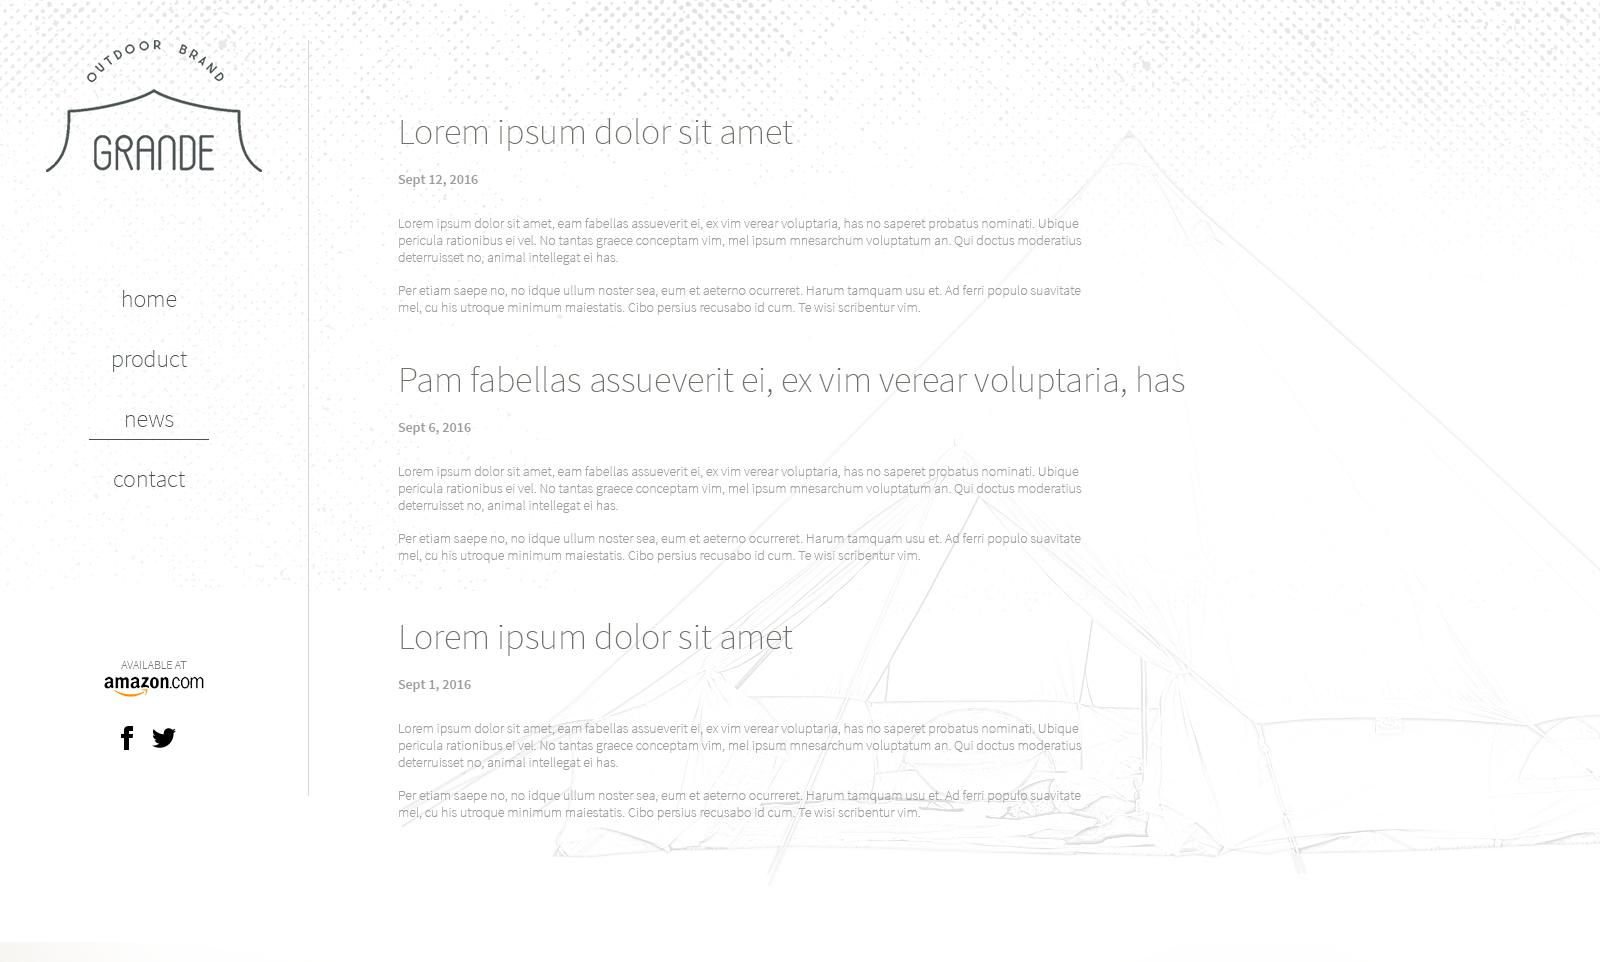 新しいアウトドアギアメーカーのWebサイトデザイン